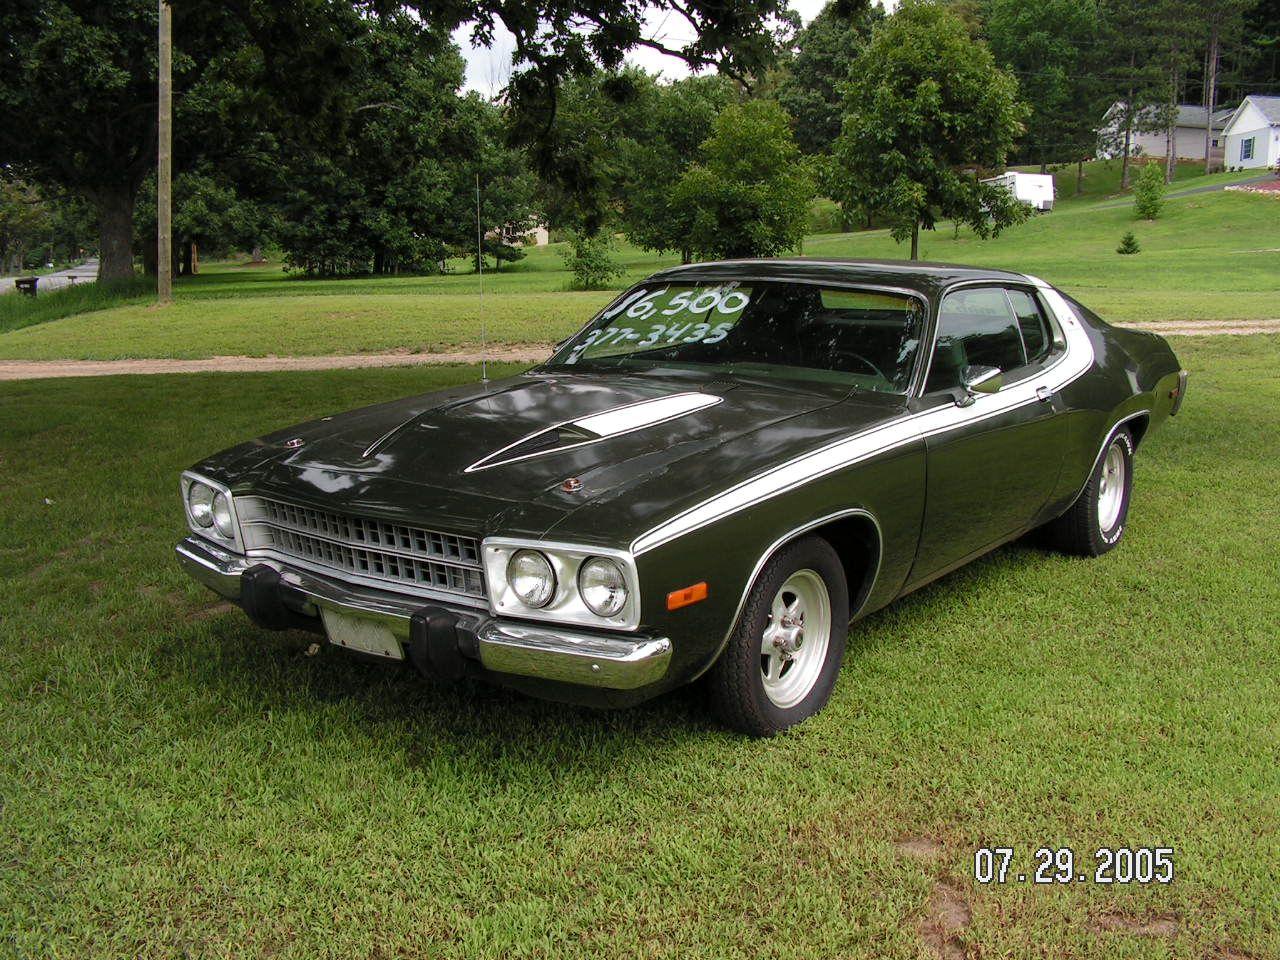 1973 roadrunner | 1973 Plymouth Roadrunner http://www.cargurus.com ...